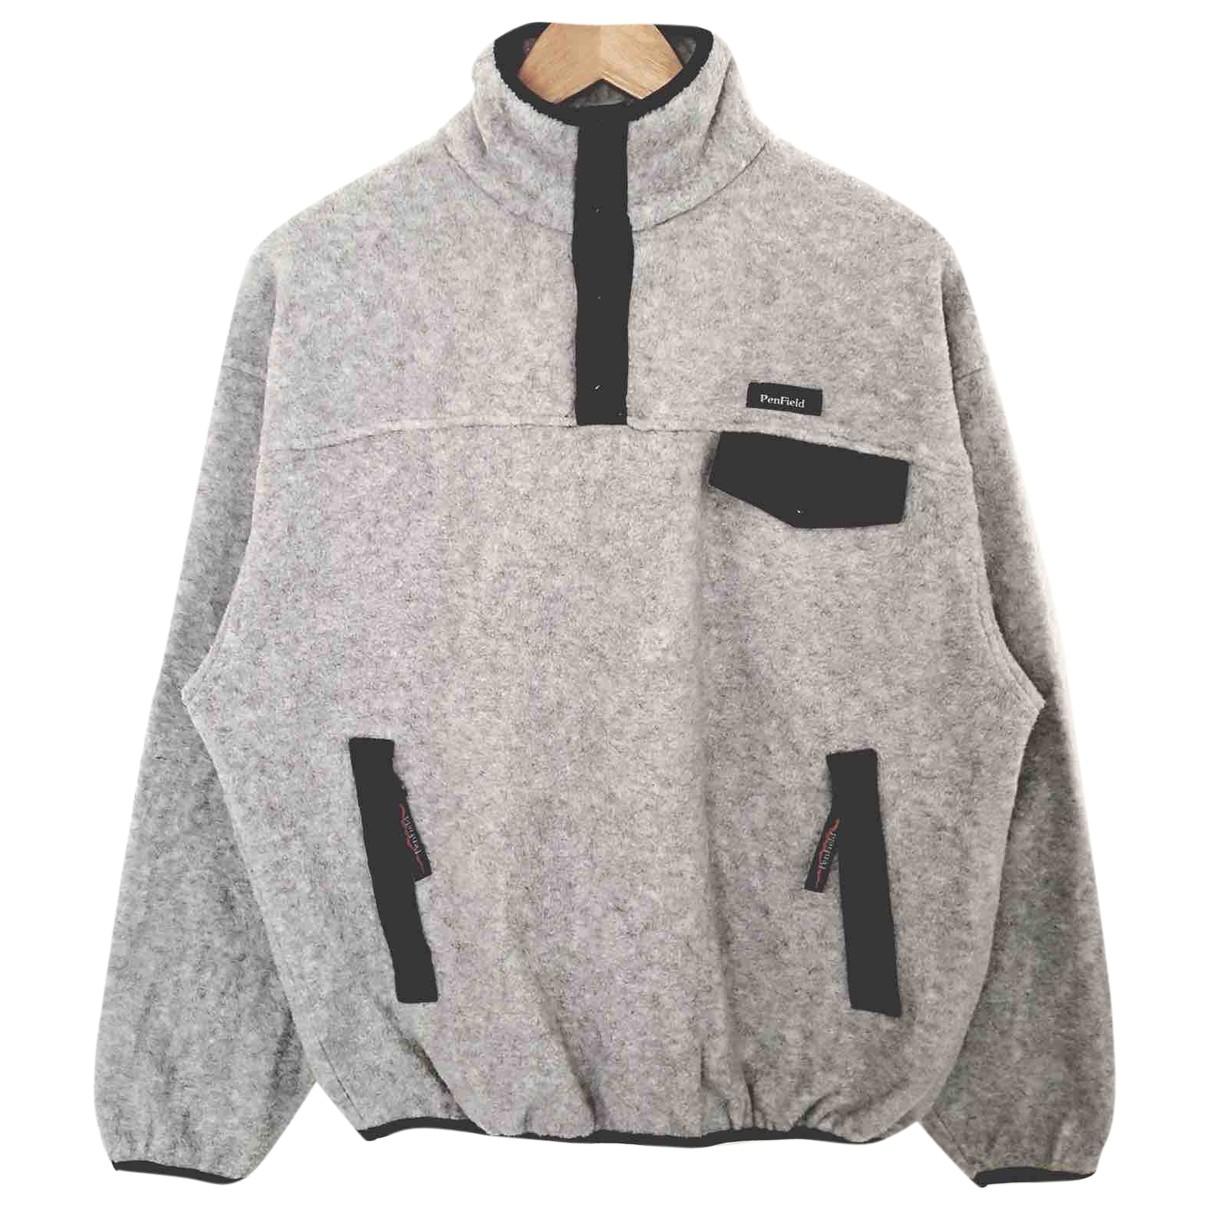 Penfield \N Jacke in  Grau Polyester